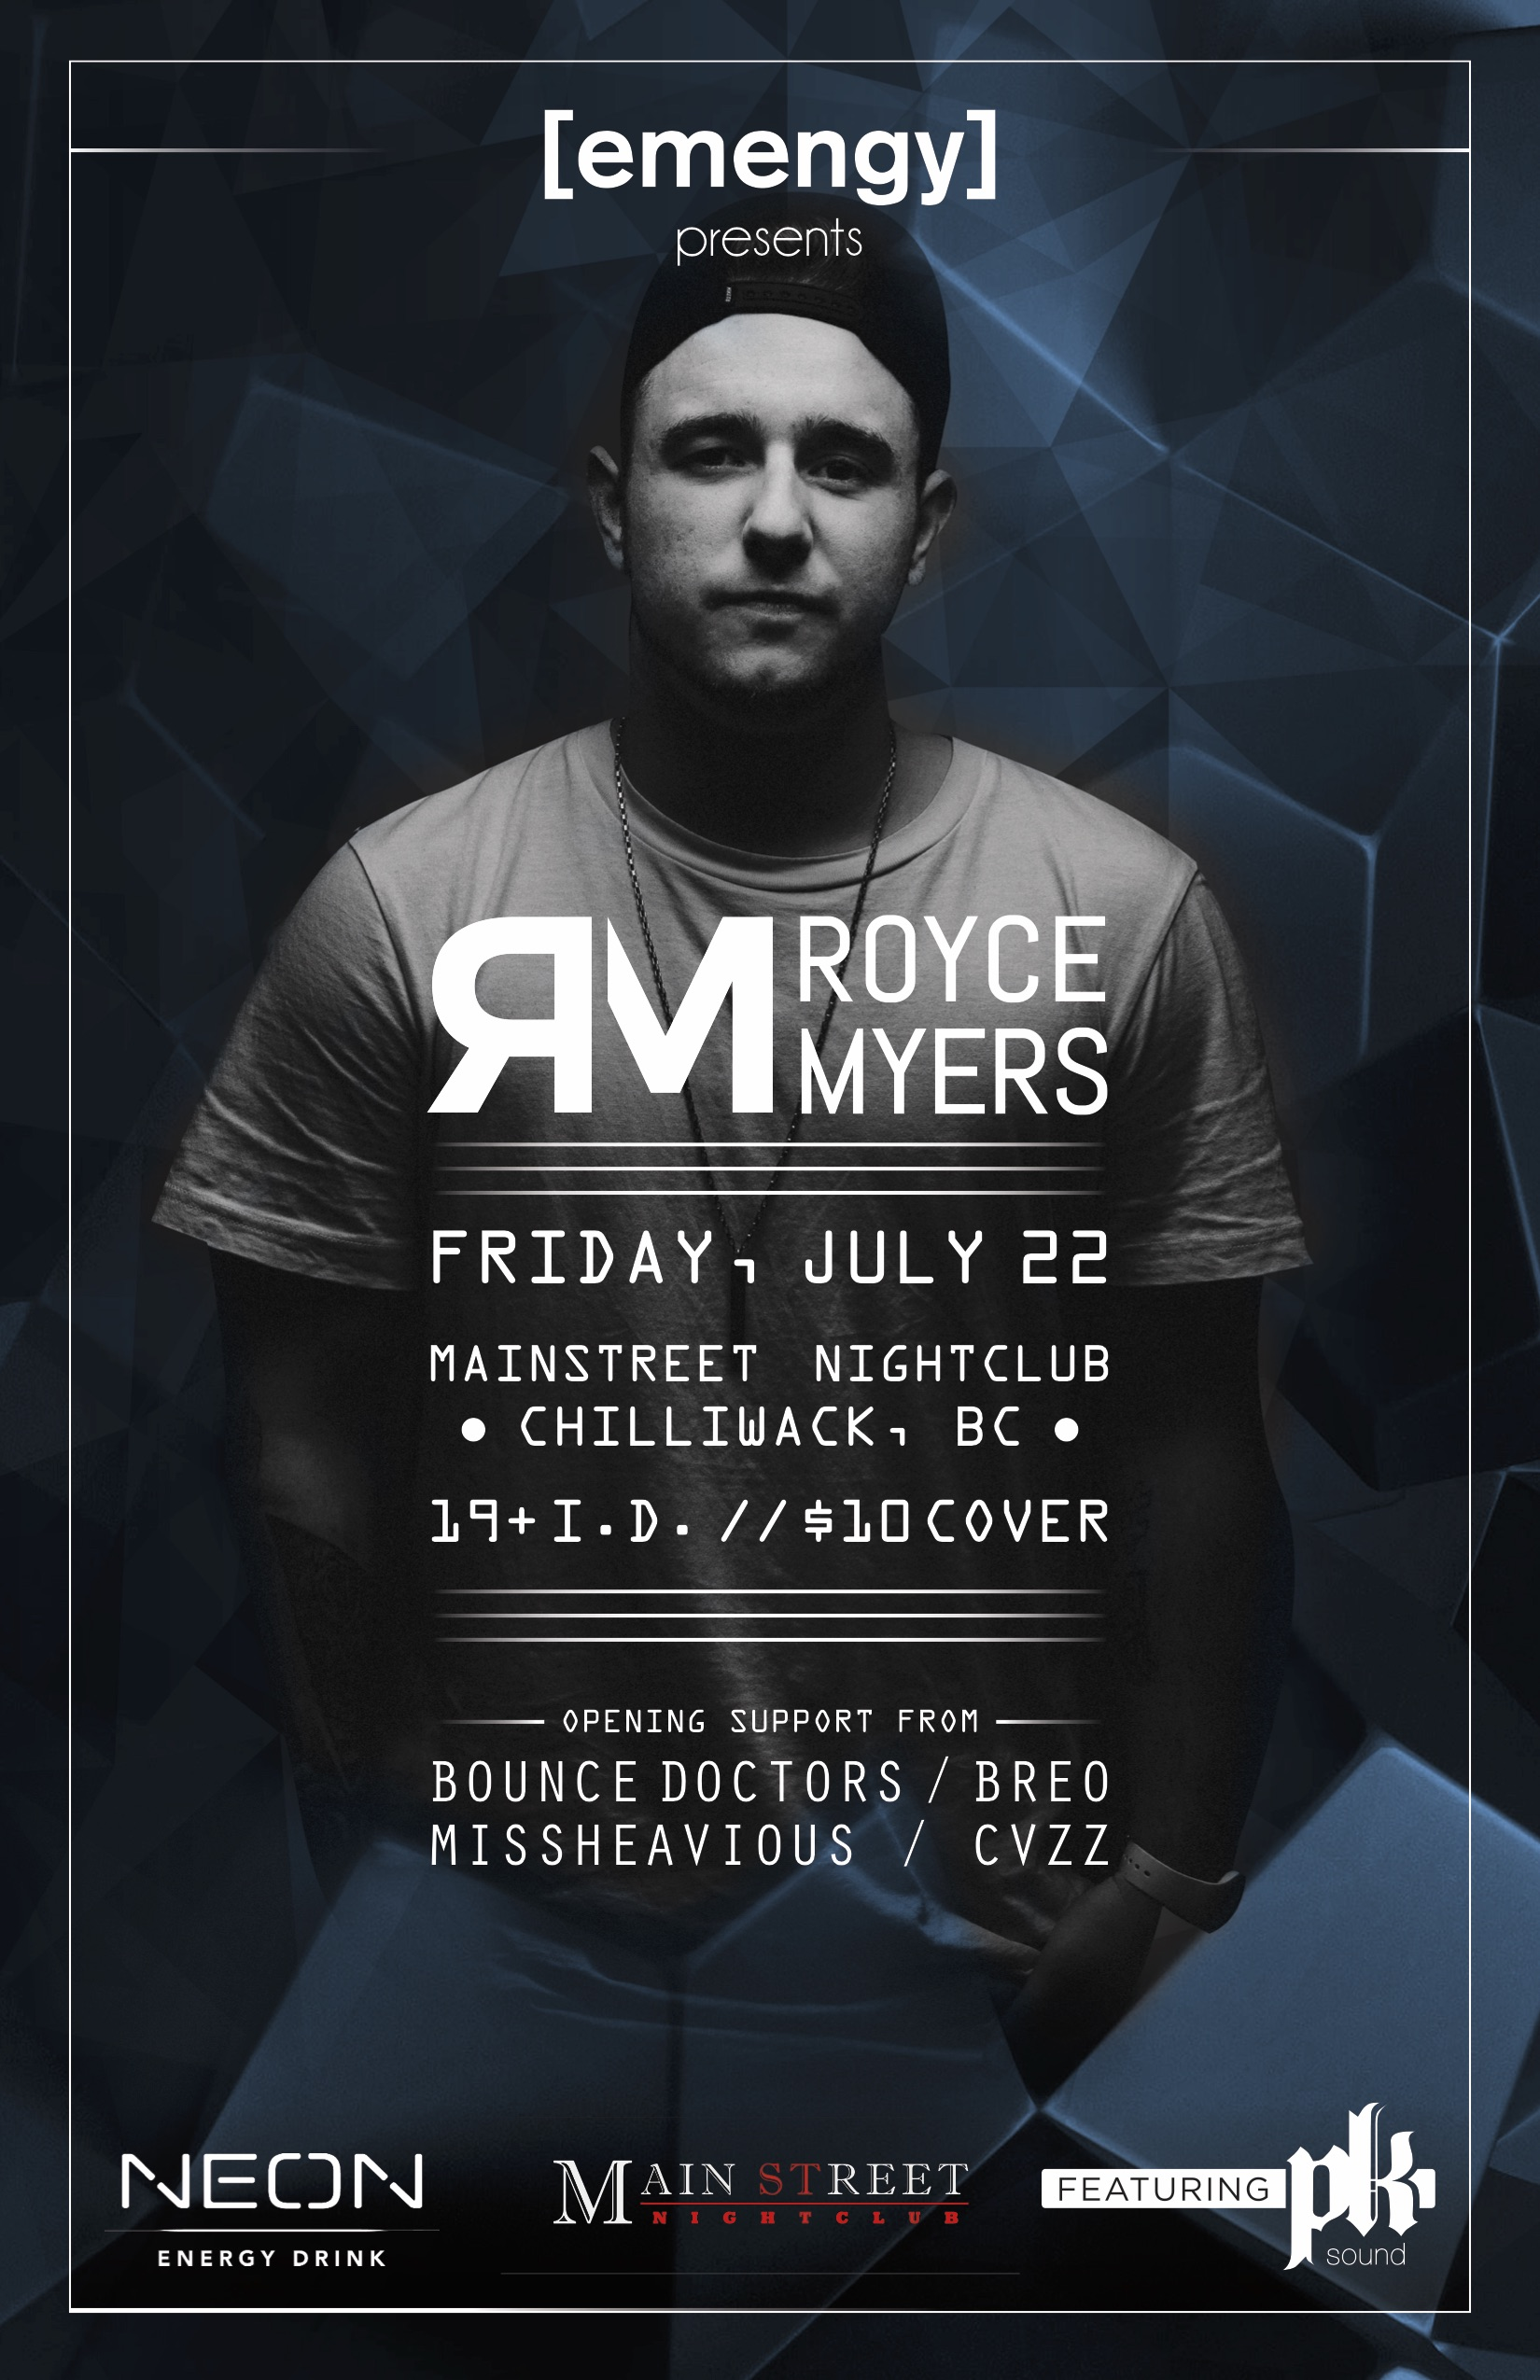 Royce Myers Poster 2016.jpg